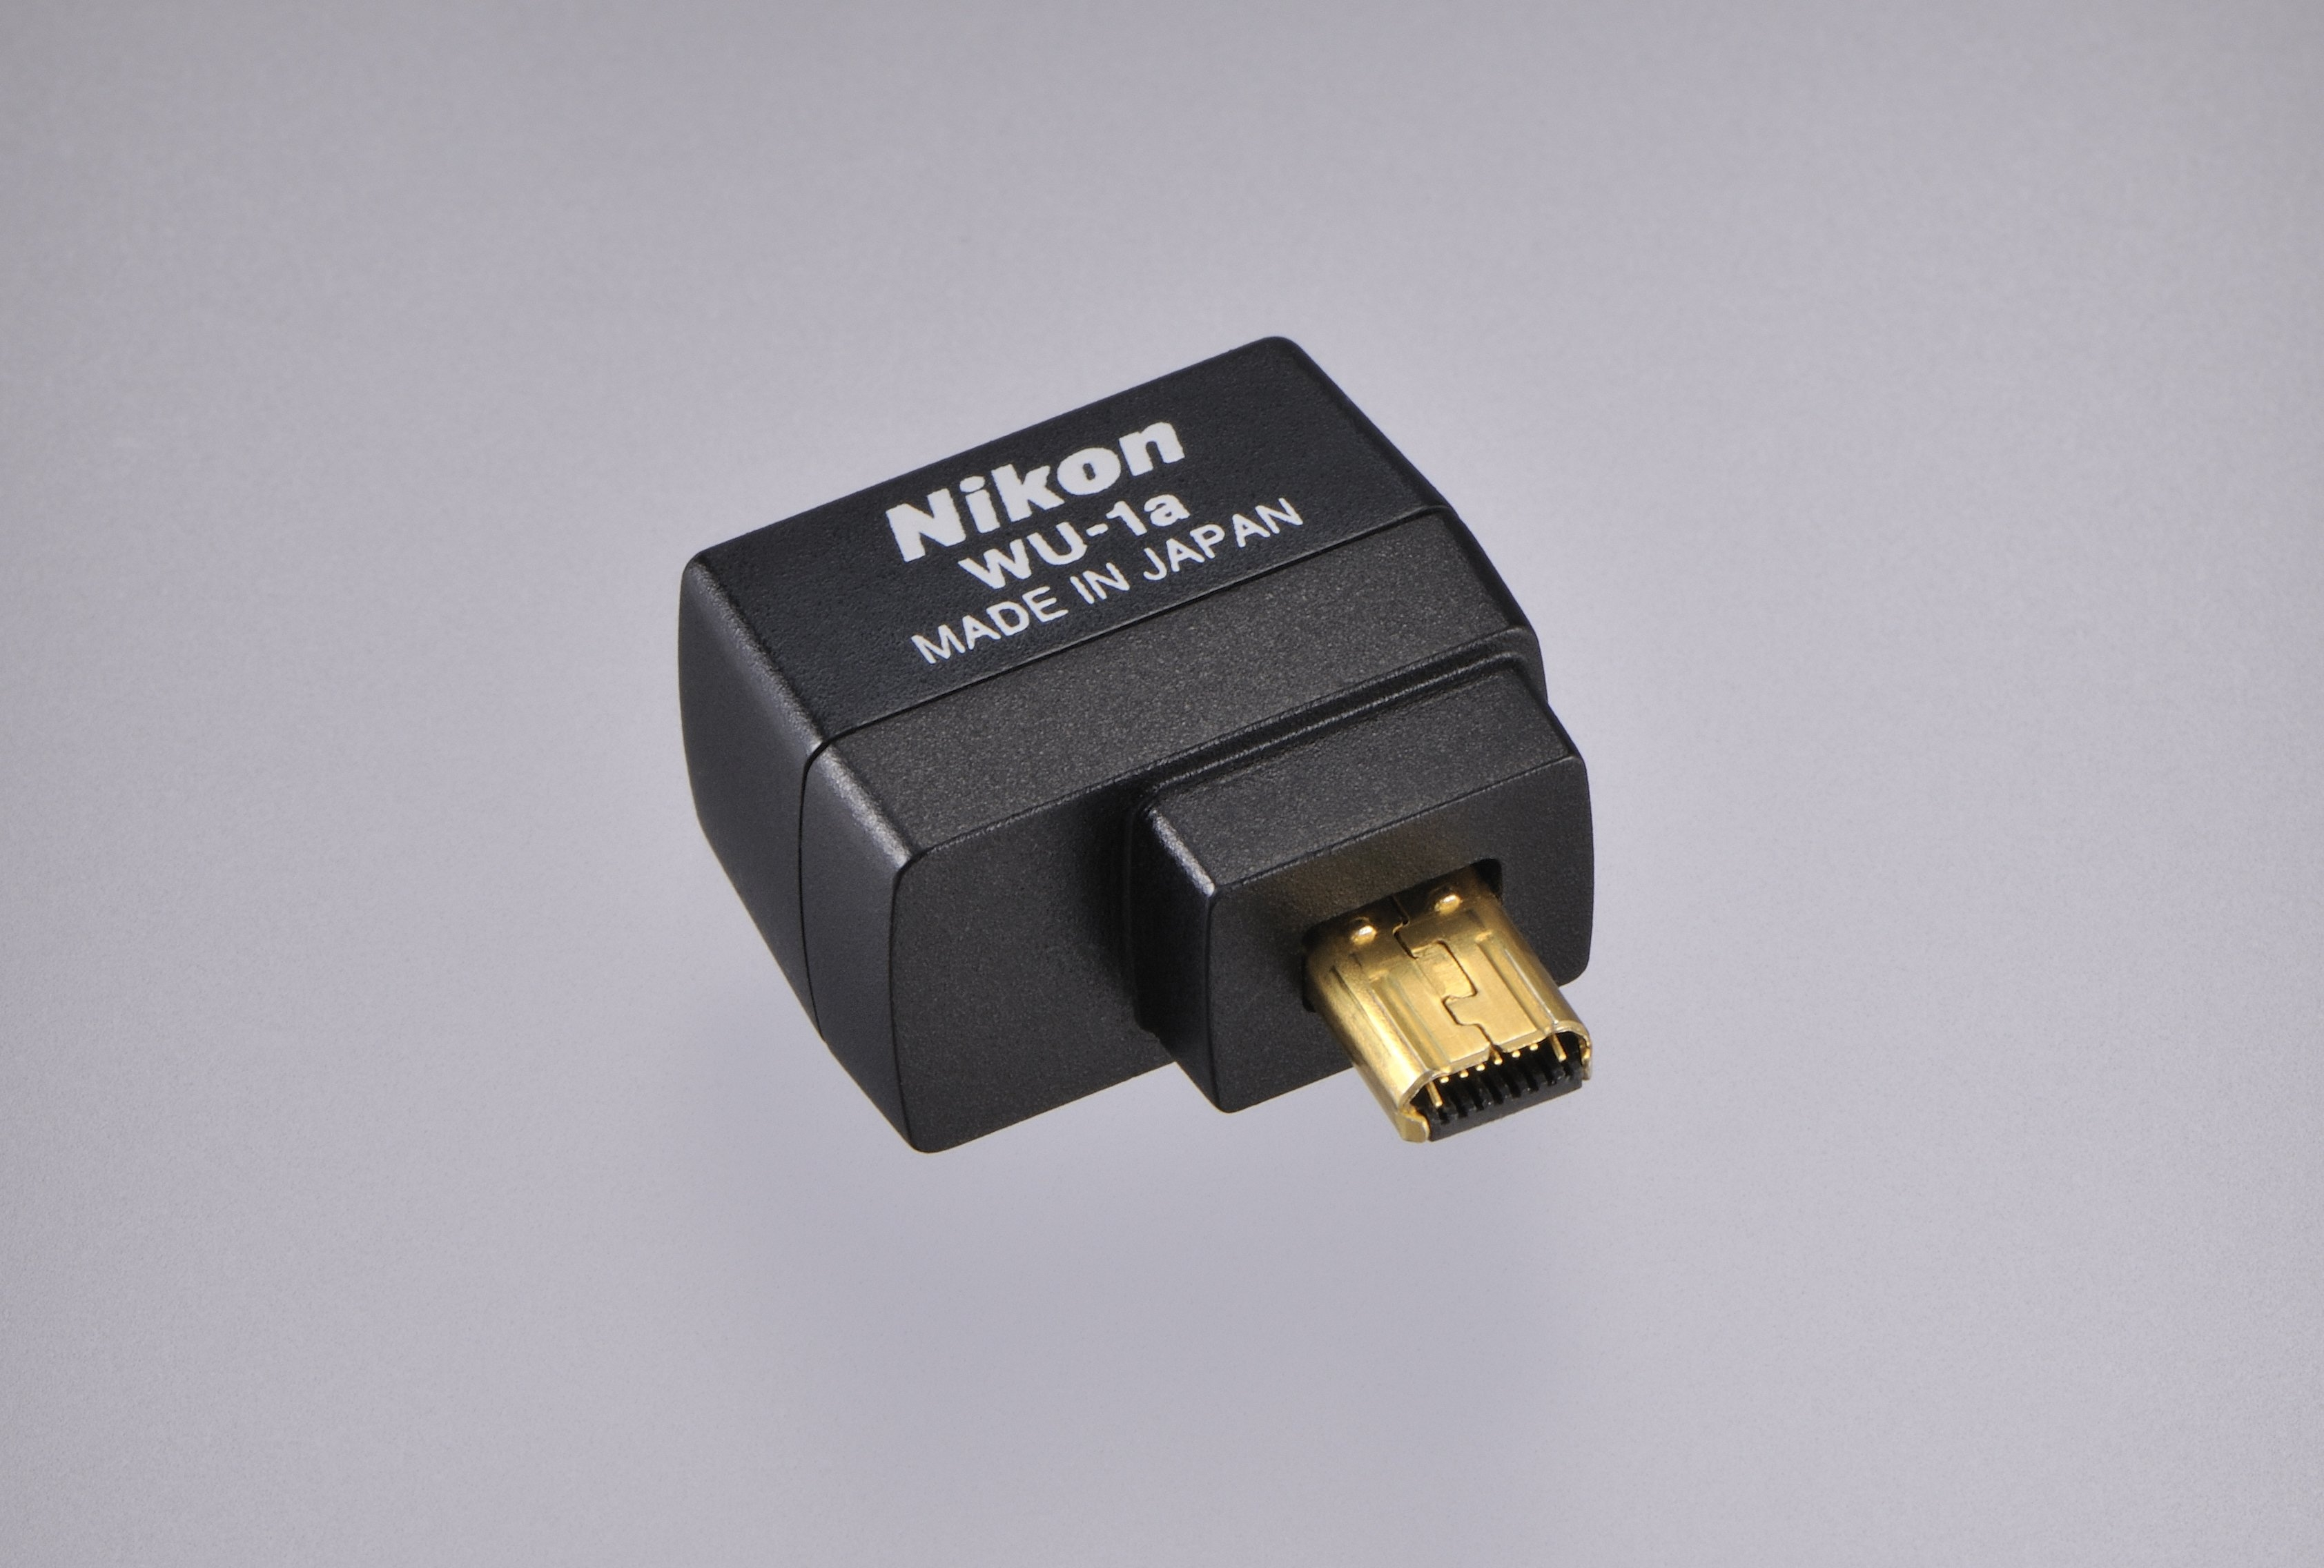 nikon 5100 инструкция функции эффекты